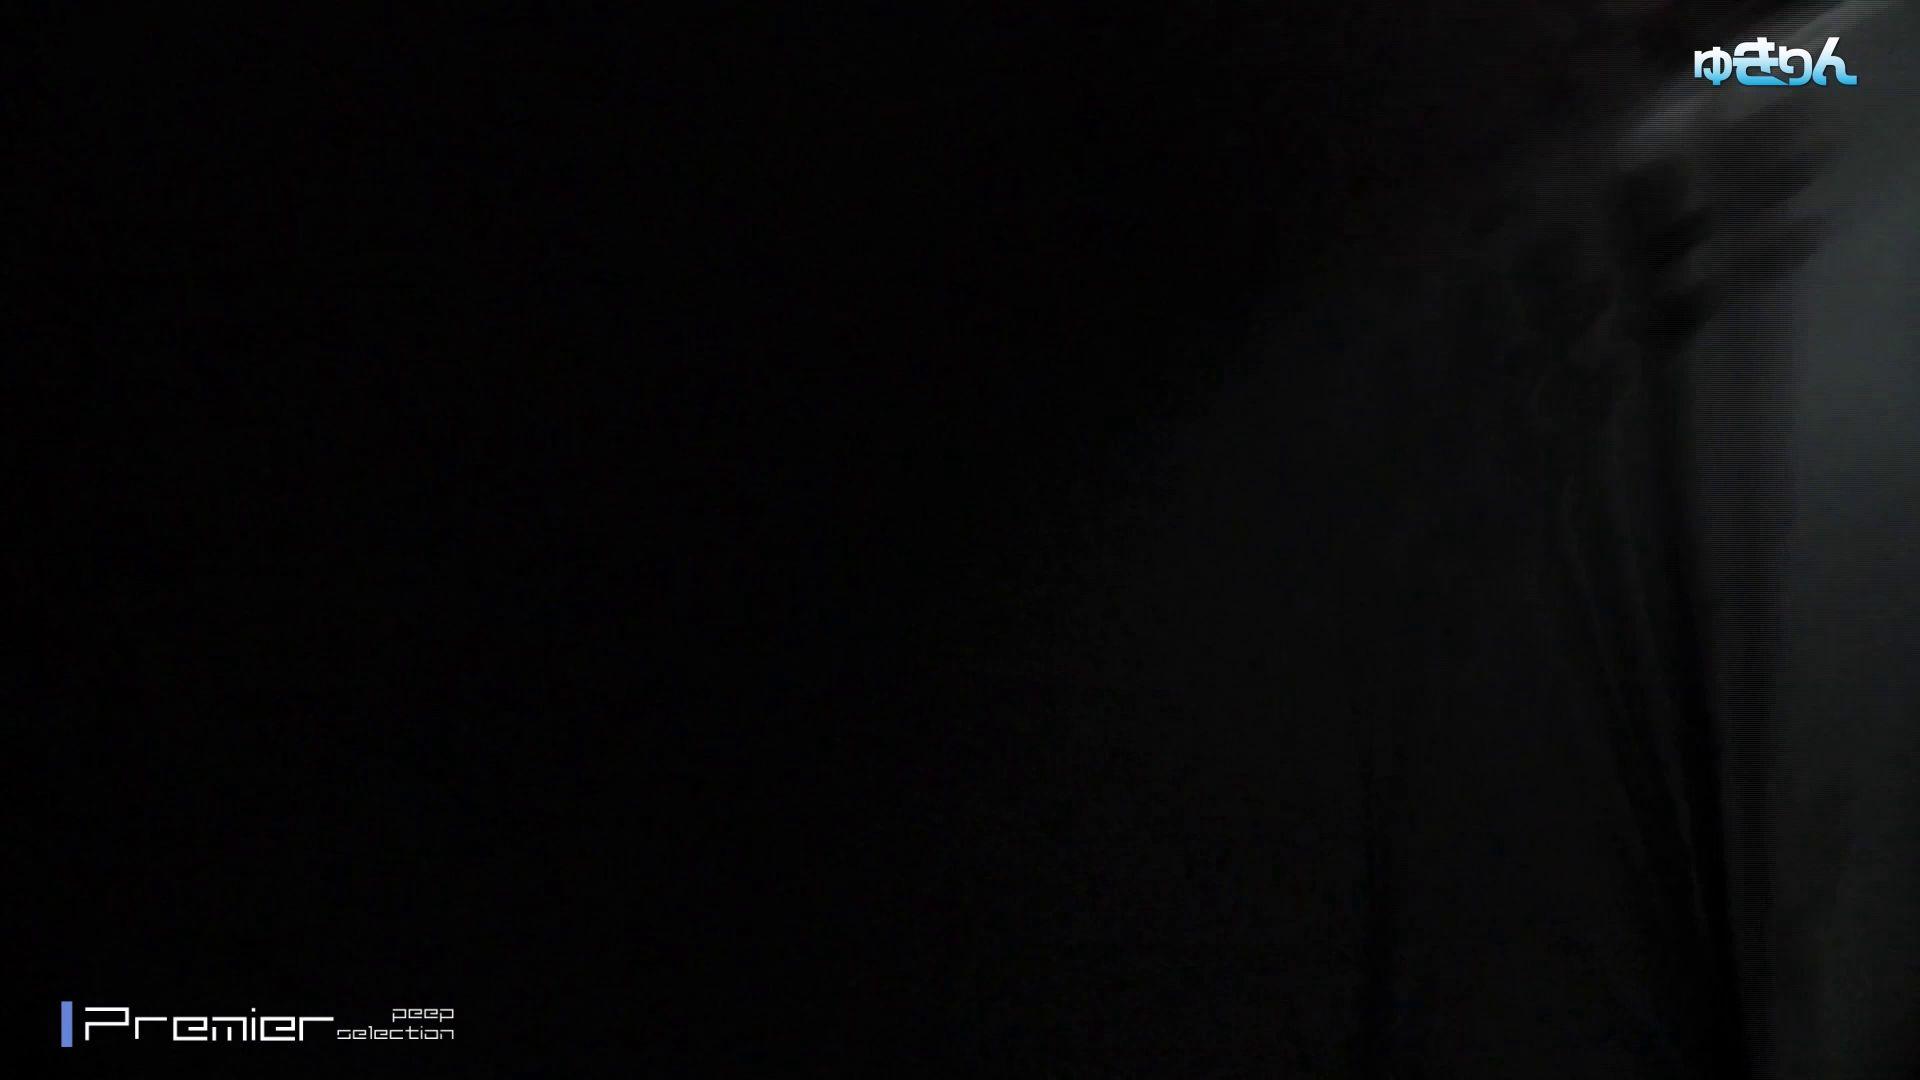 ステーション編 vol64 無料サンプルのモデル登場!最高級の美人全然違う花弁 エッチなお姉さん ぱこり動画紹介 46画像 25